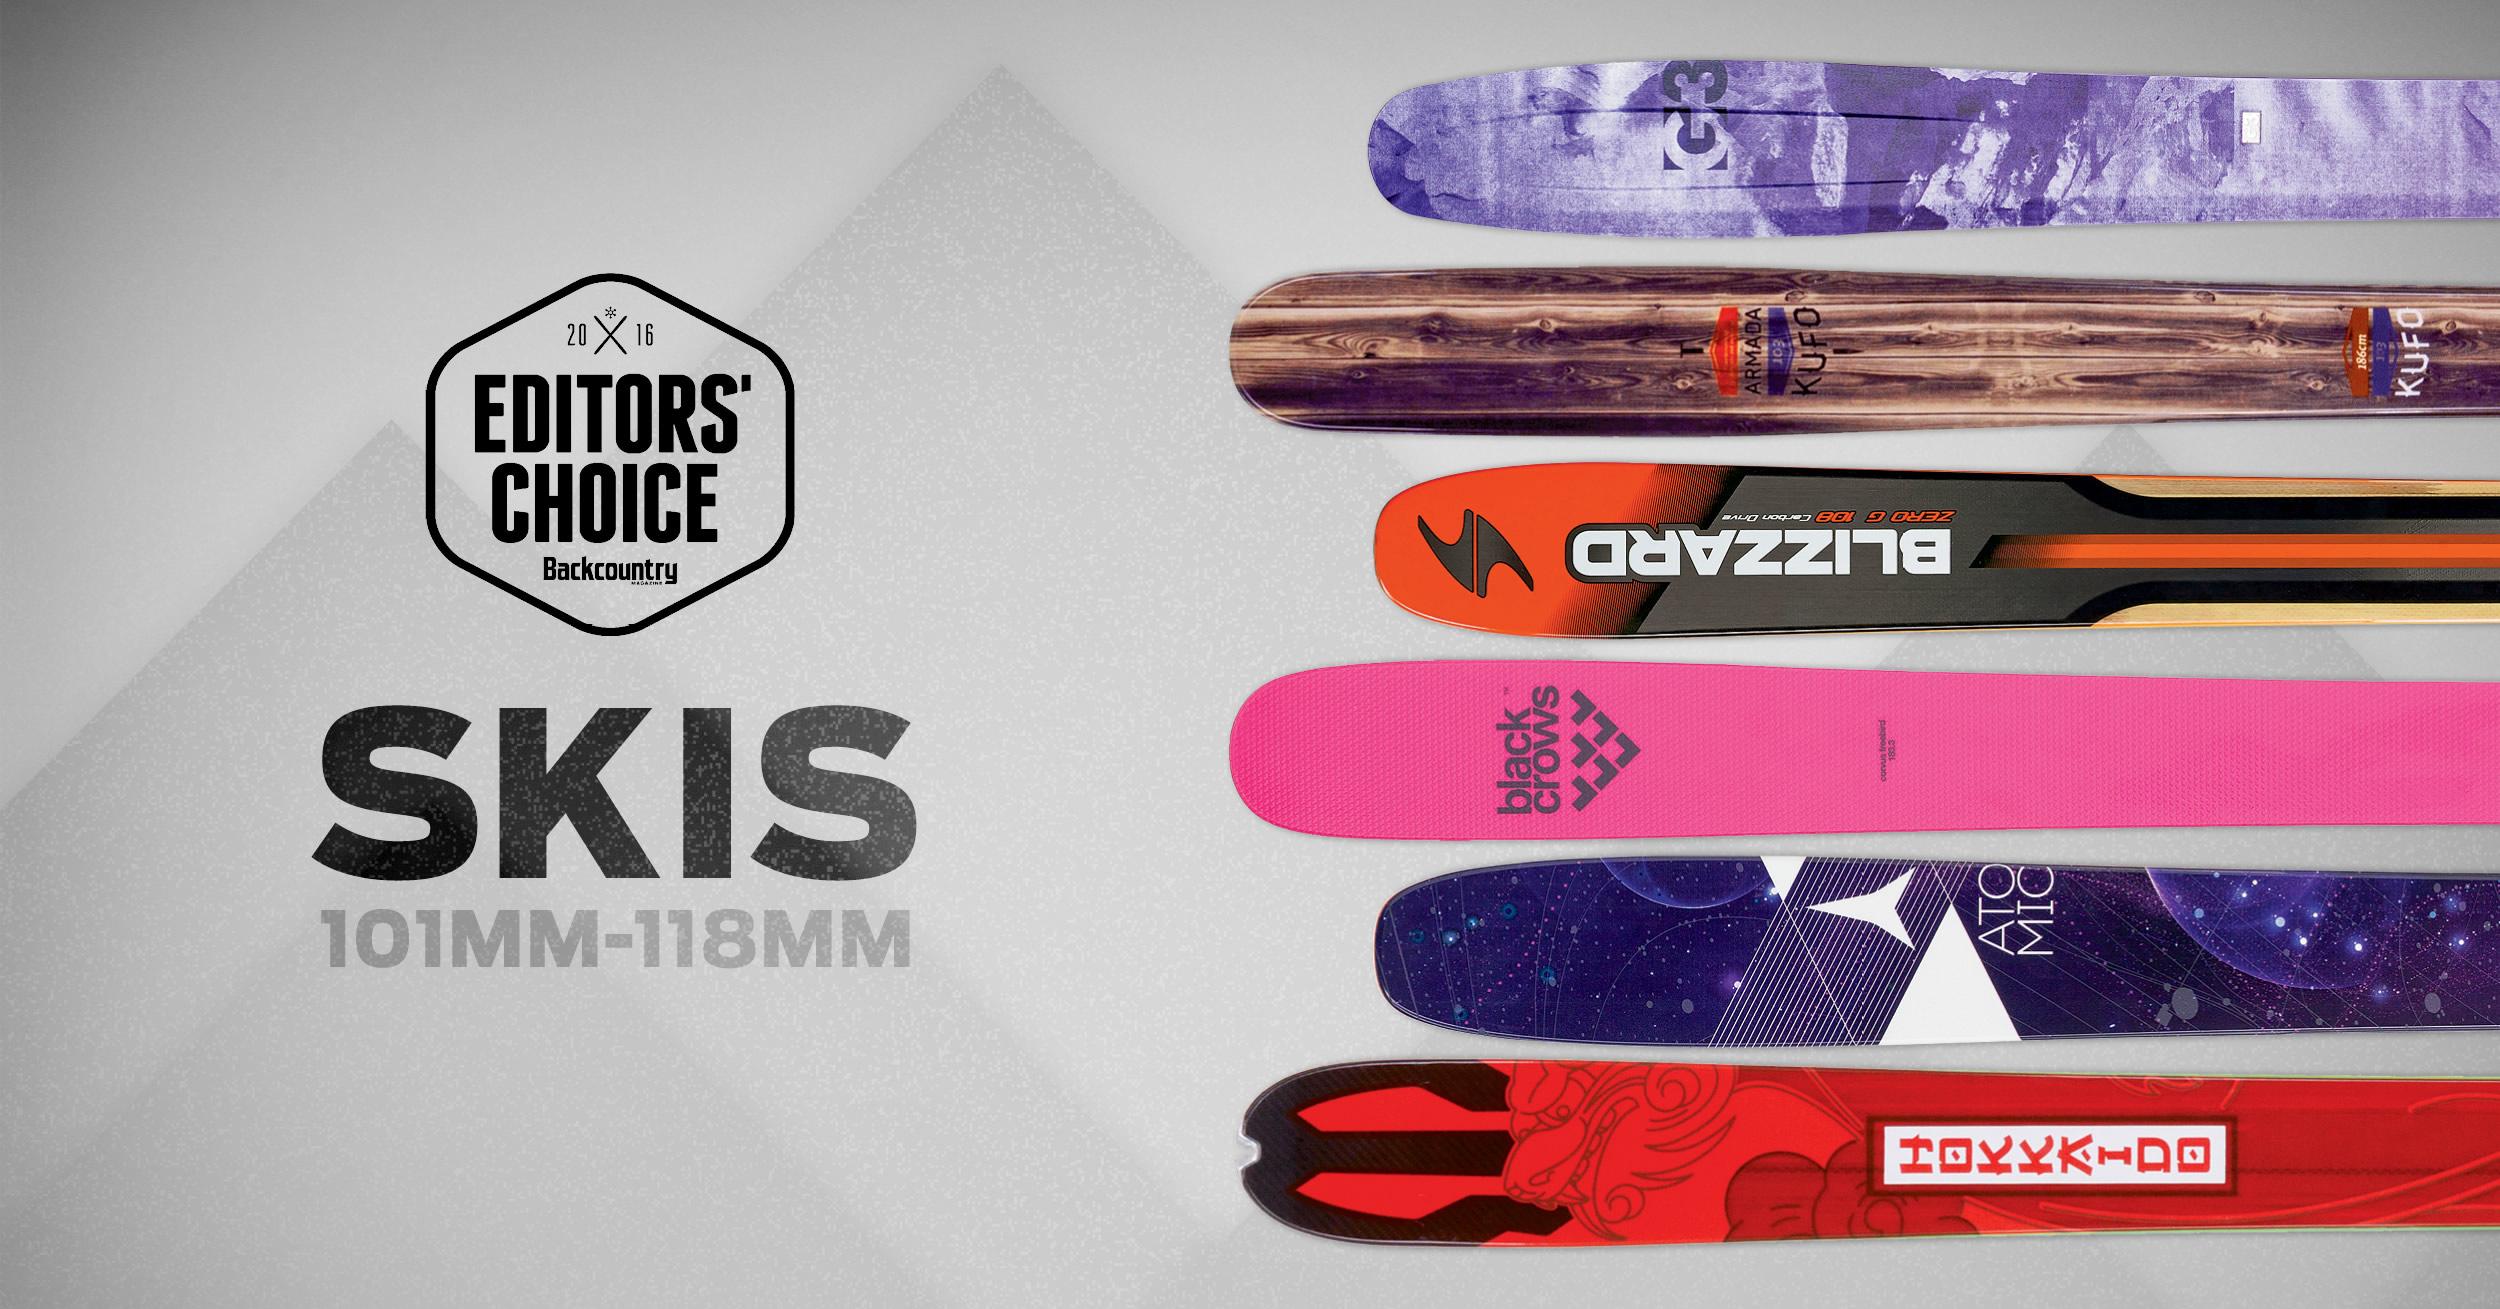 2016 Editors  Choice Awards  Skis 101-118mm f3678a25016